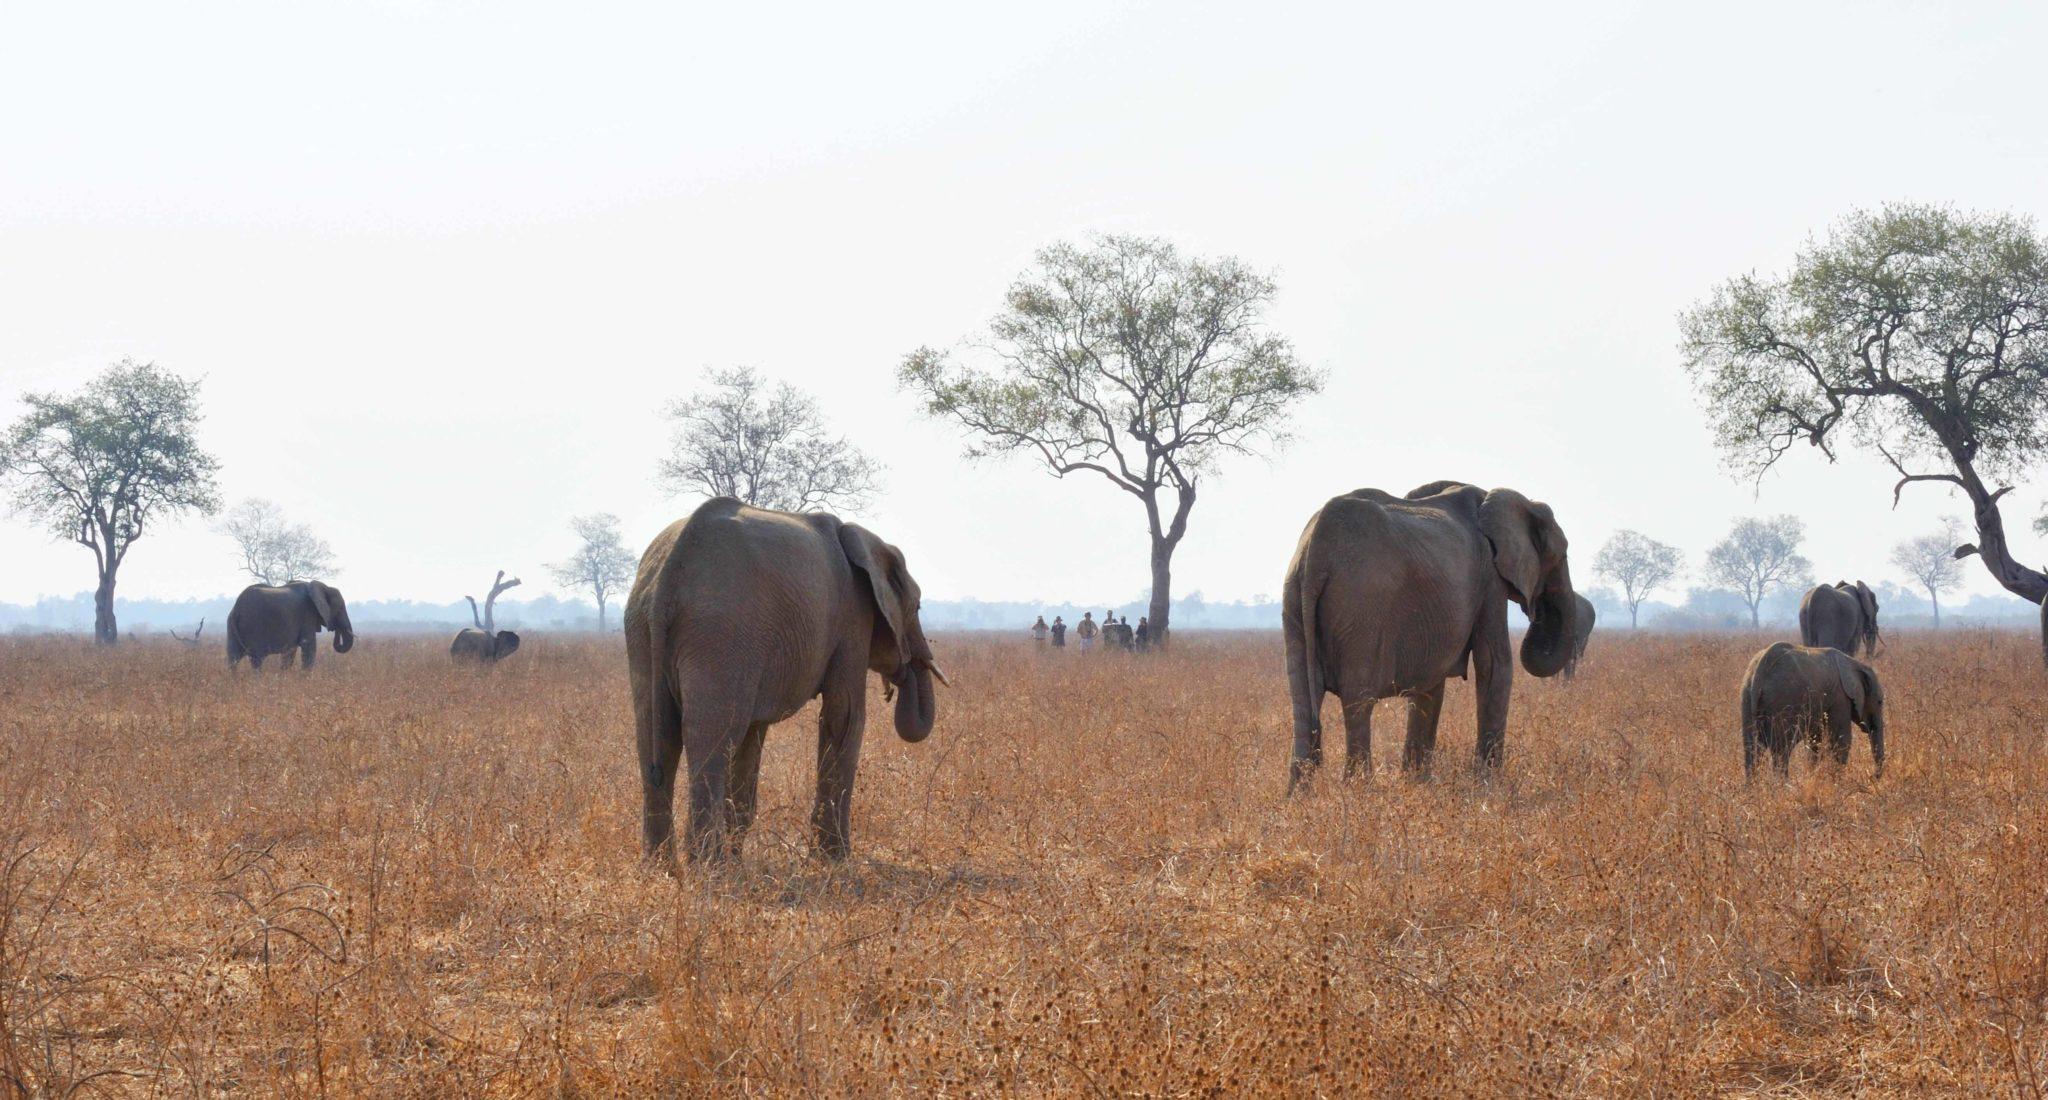 zambia luangwa valley elephant wlaking safari tracking